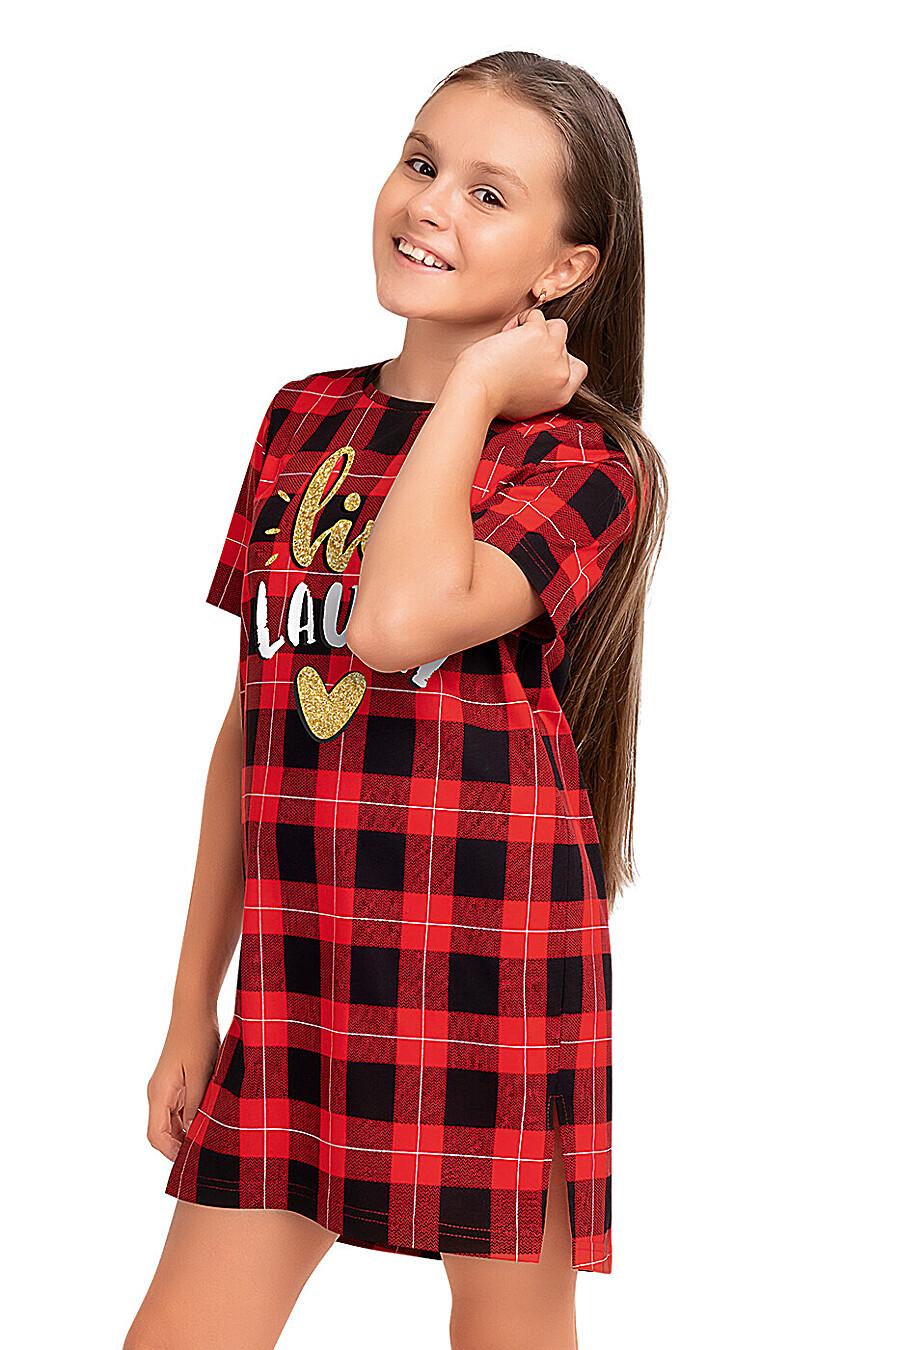 Сорочка ночная для девочек CLEVER 272933 купить оптом от производителя. Совместная покупка детской одежды в OptMoyo